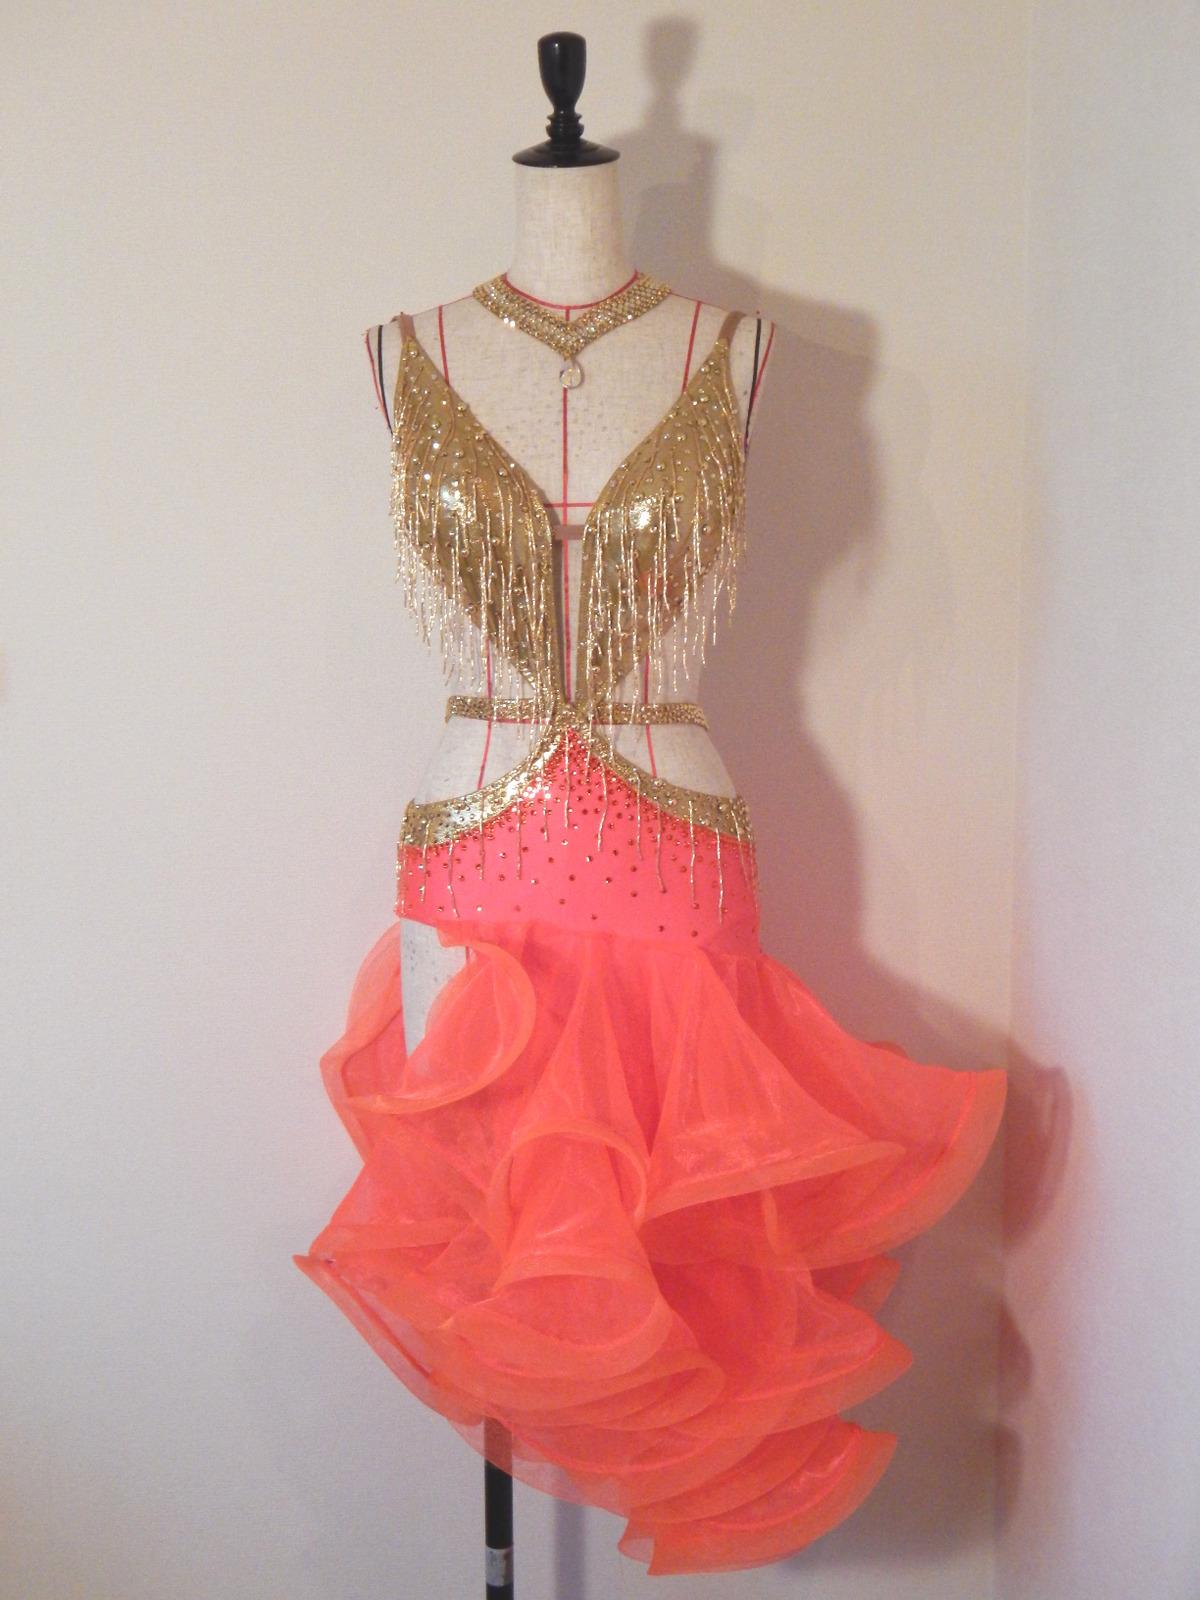 ゴールド竹ビーズ&オレンジスカートラテンドレス